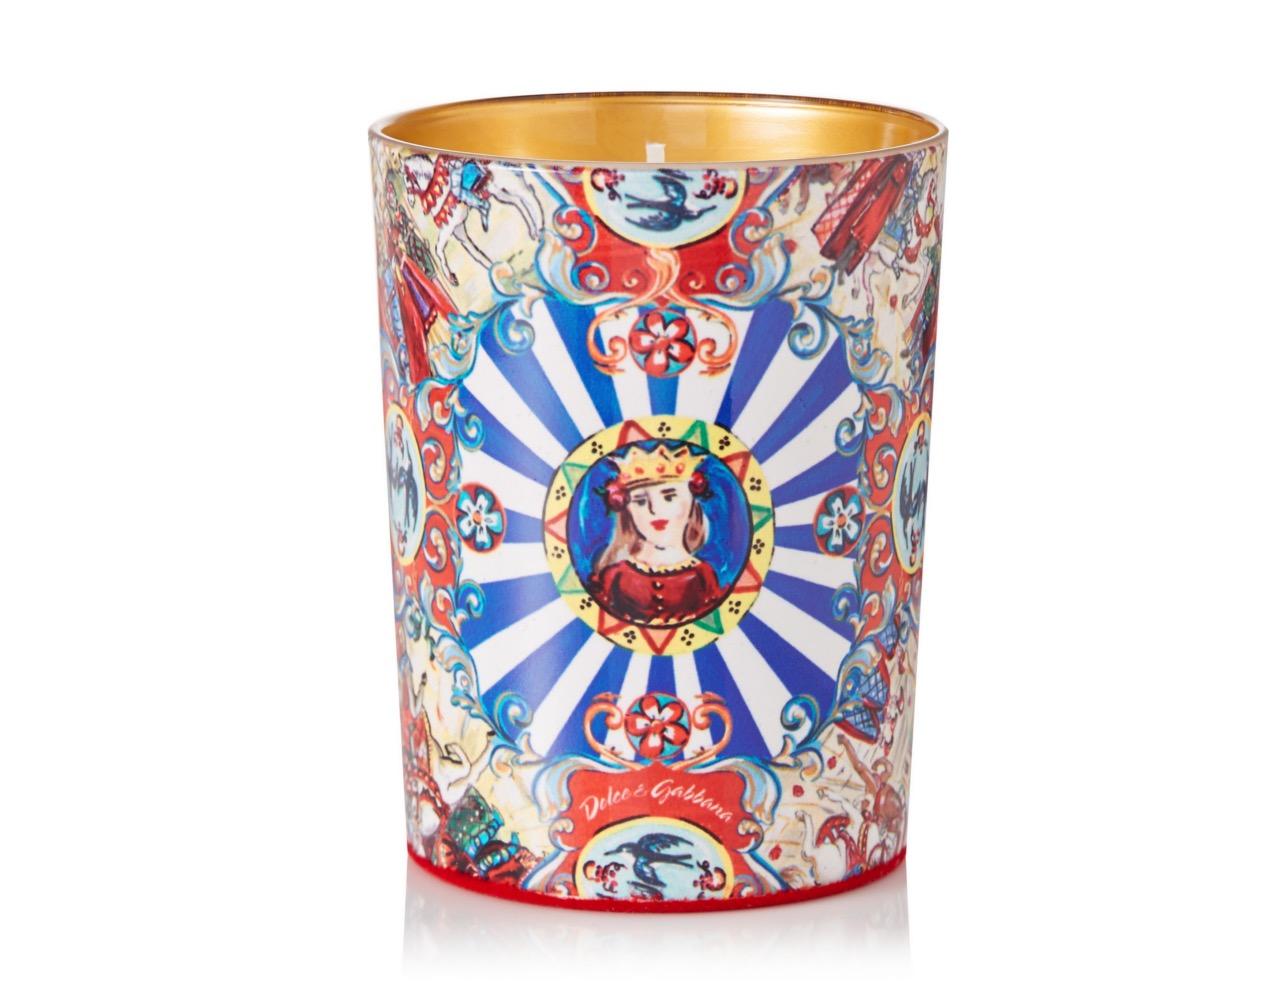 Vánoce u Dolce&Gabbana voní hřevivě po kadidlu. Svíčku zdobí barevný vzor typický pro Sicílii.